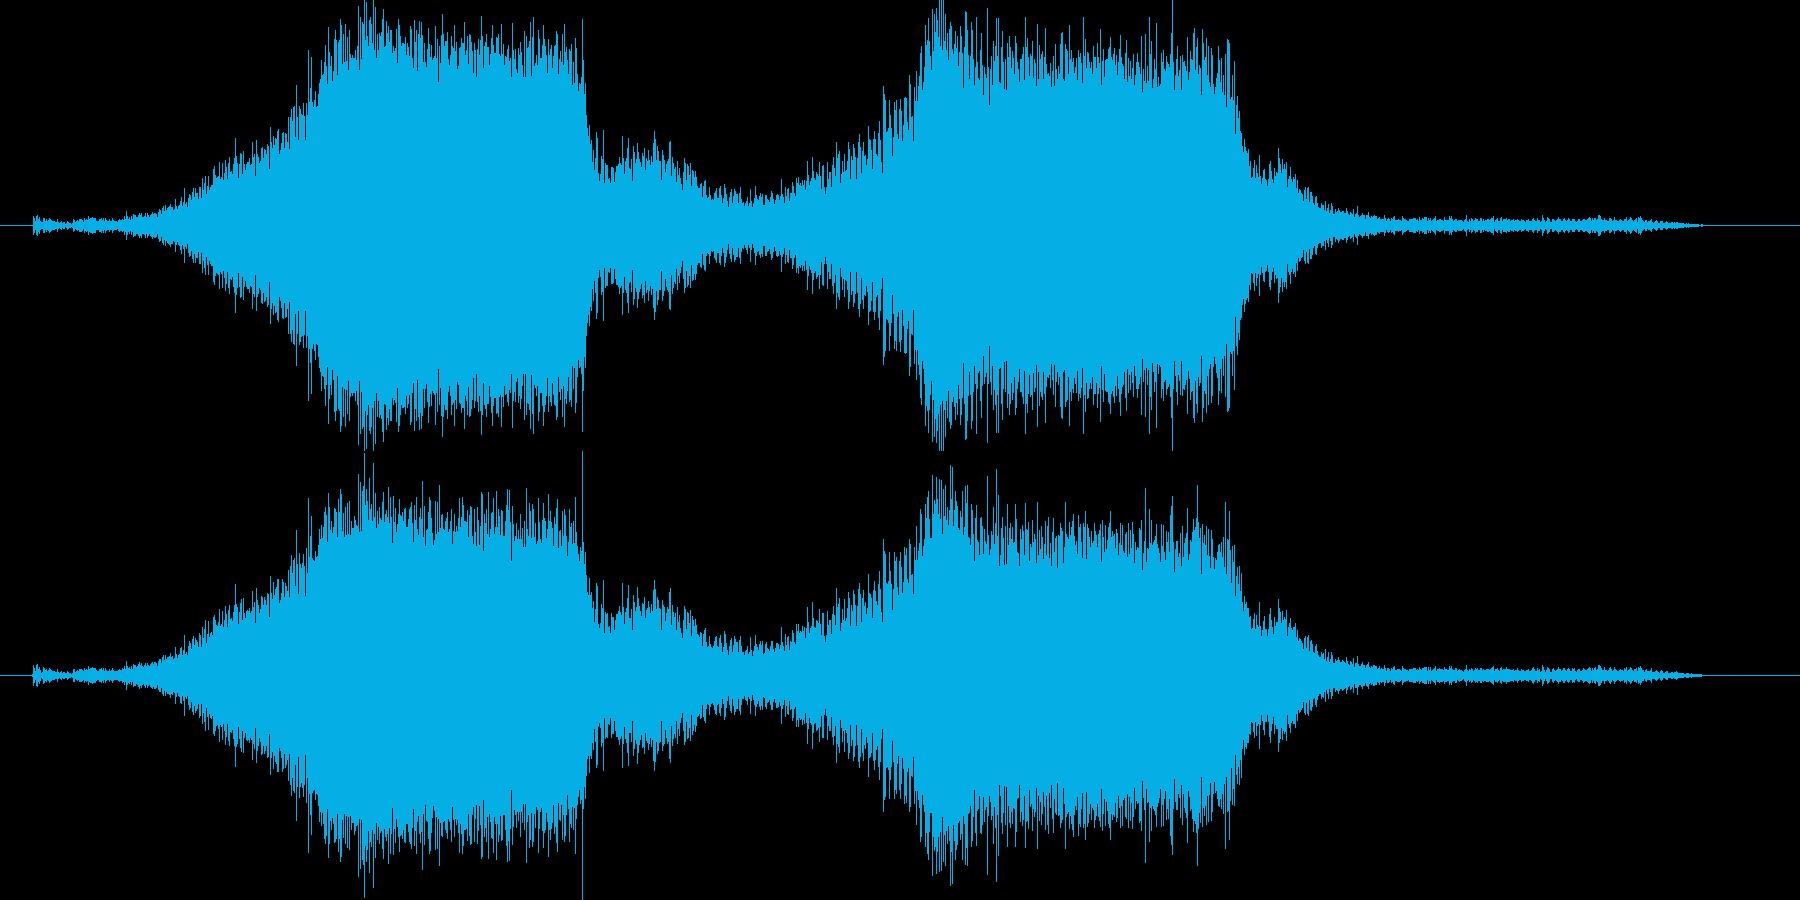 シュルシュル、キュルキュルという機械音の再生済みの波形